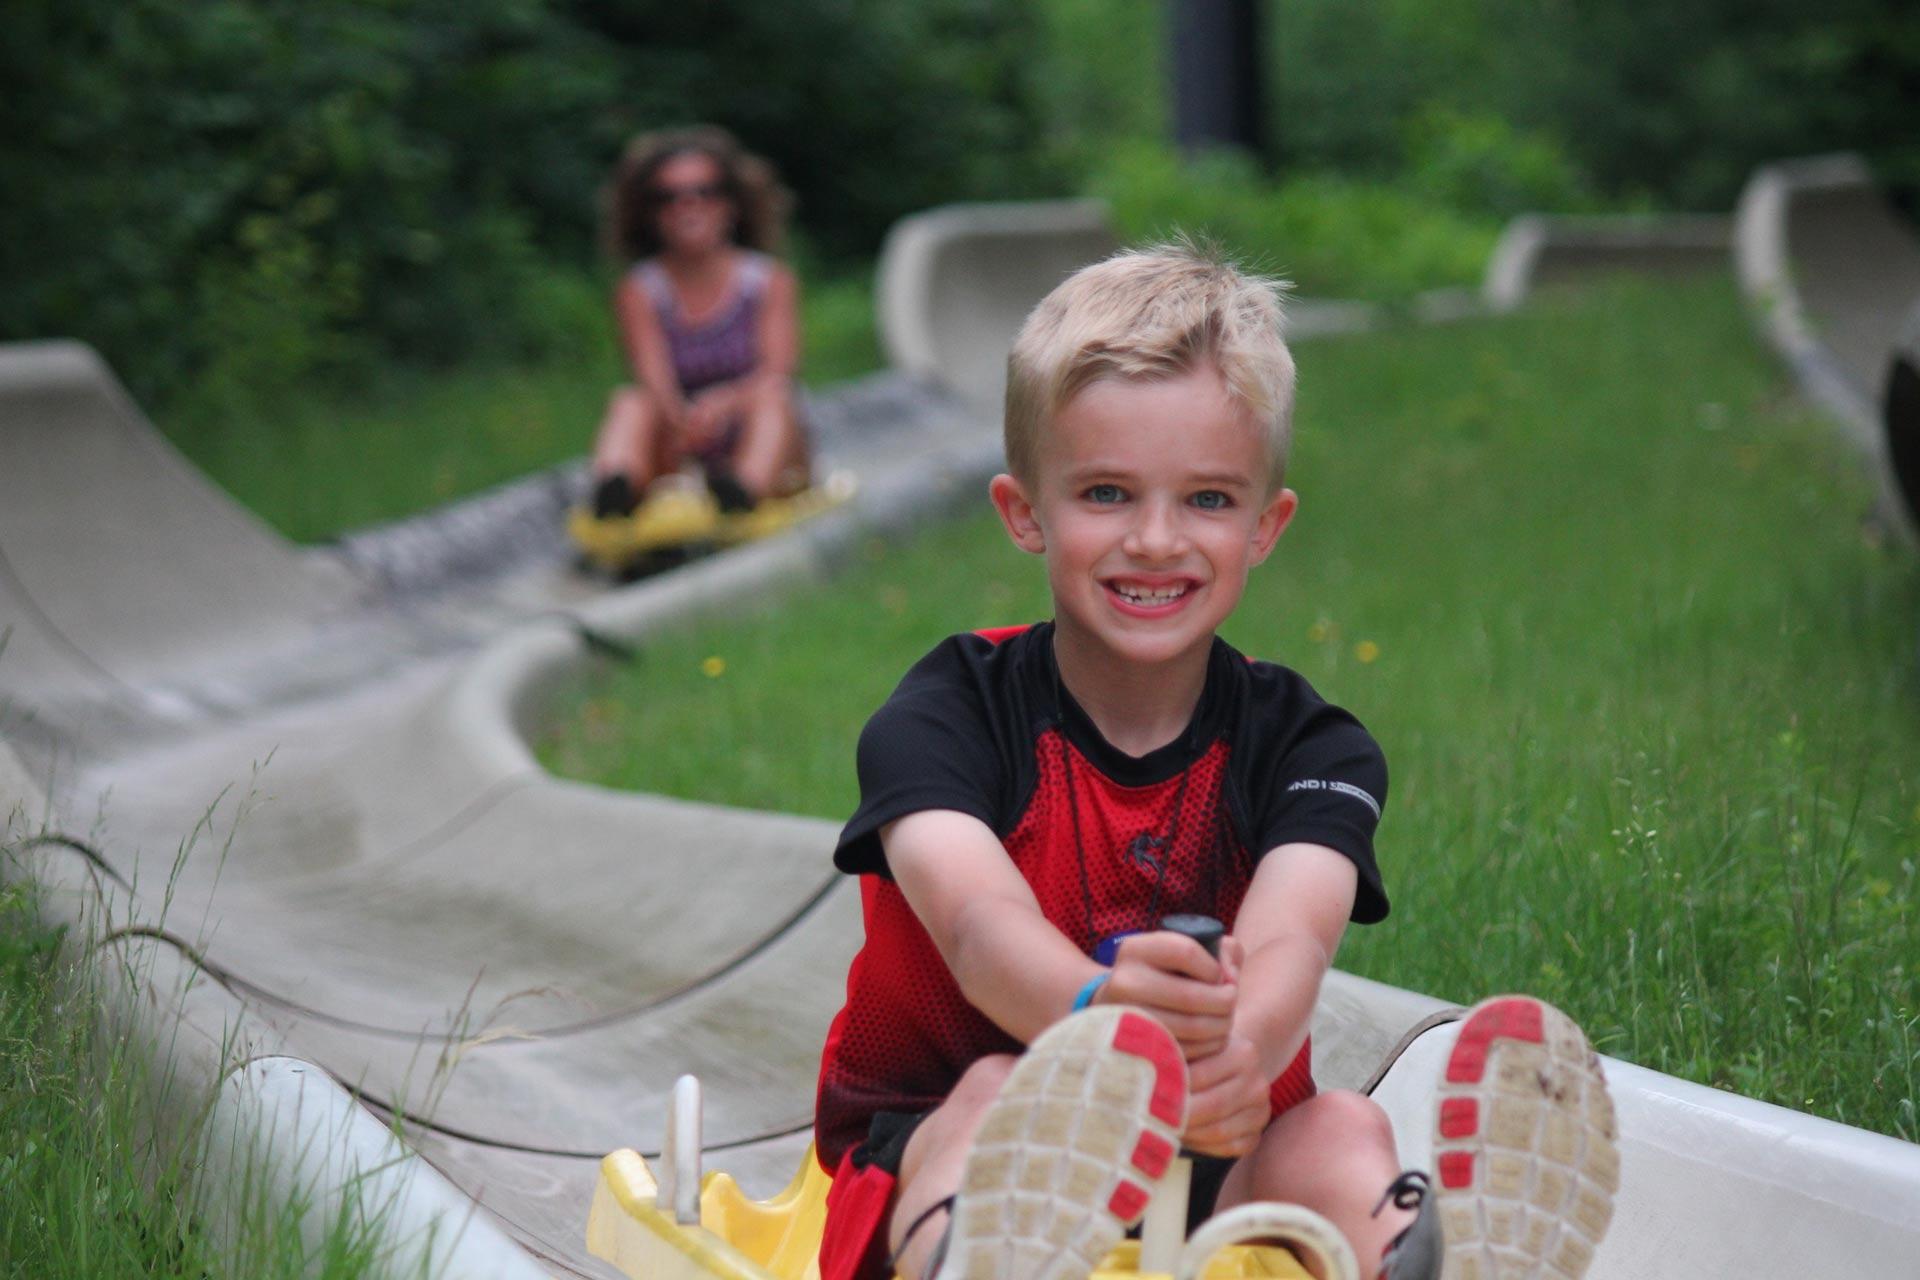 Summer fun at Attitash Mountain Resort